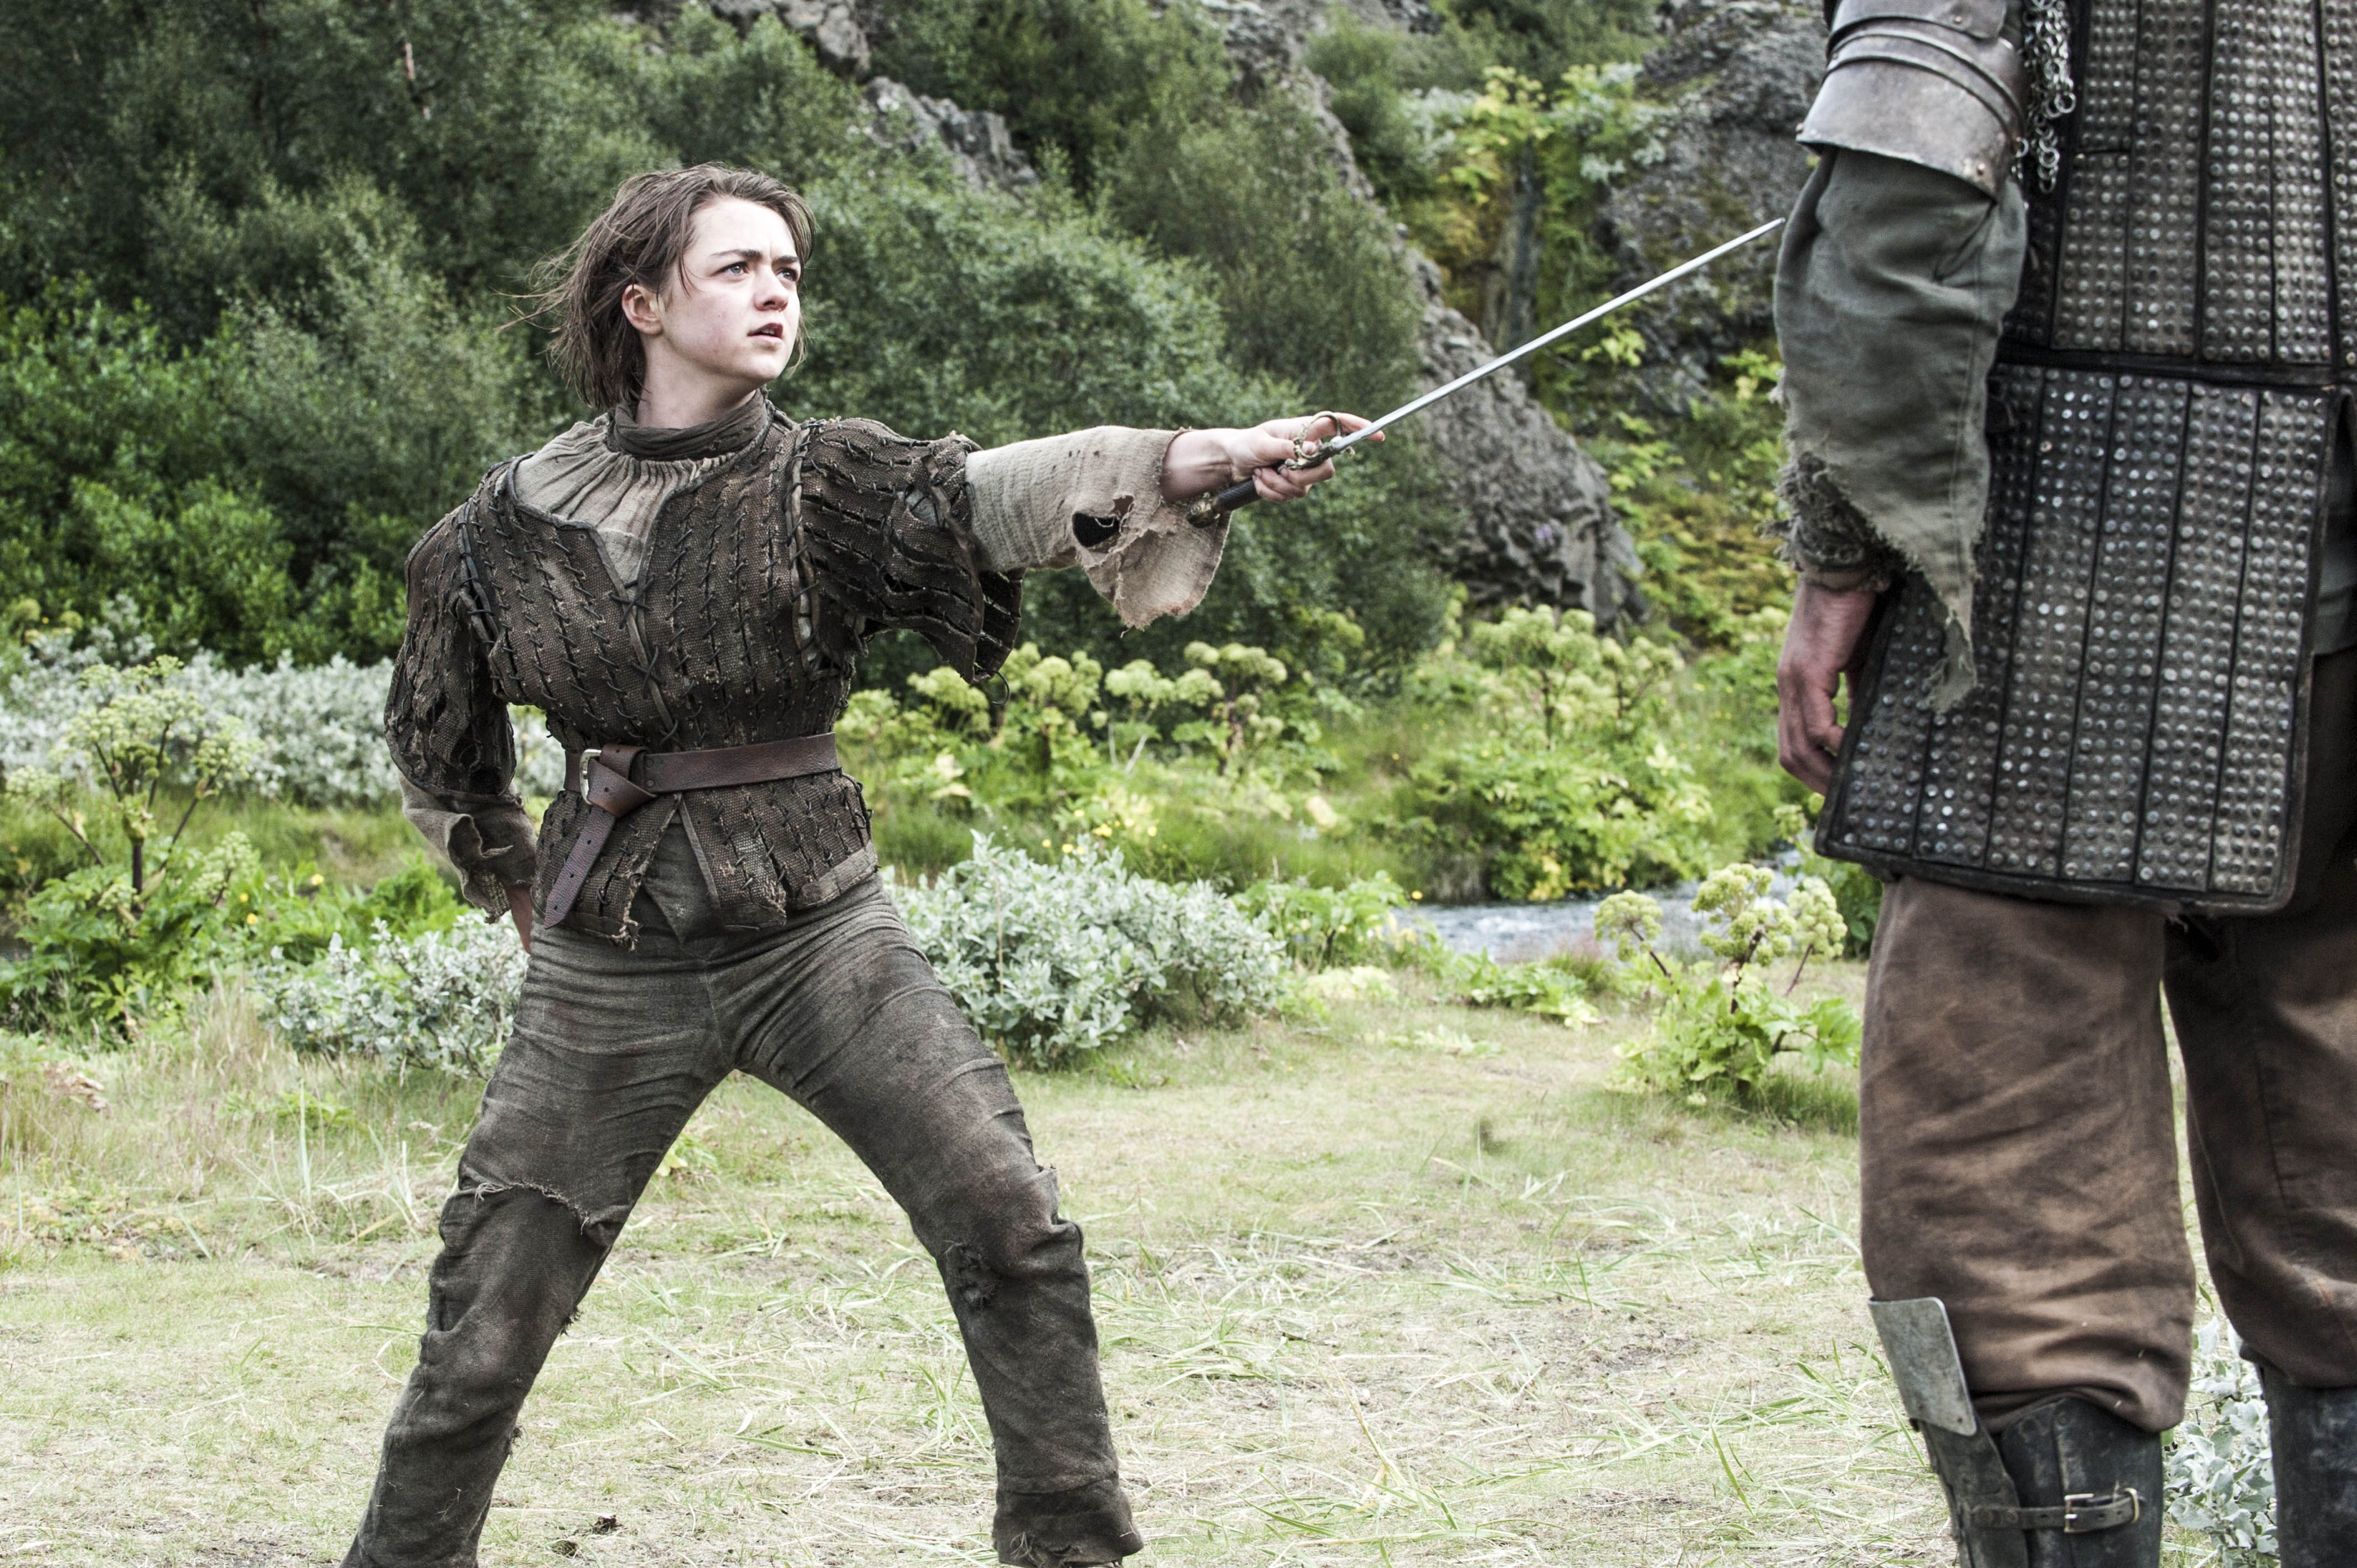 'Juego de Tronos': ¿Qué Personajes Siguen Vivos en Lista de Arya Stark?